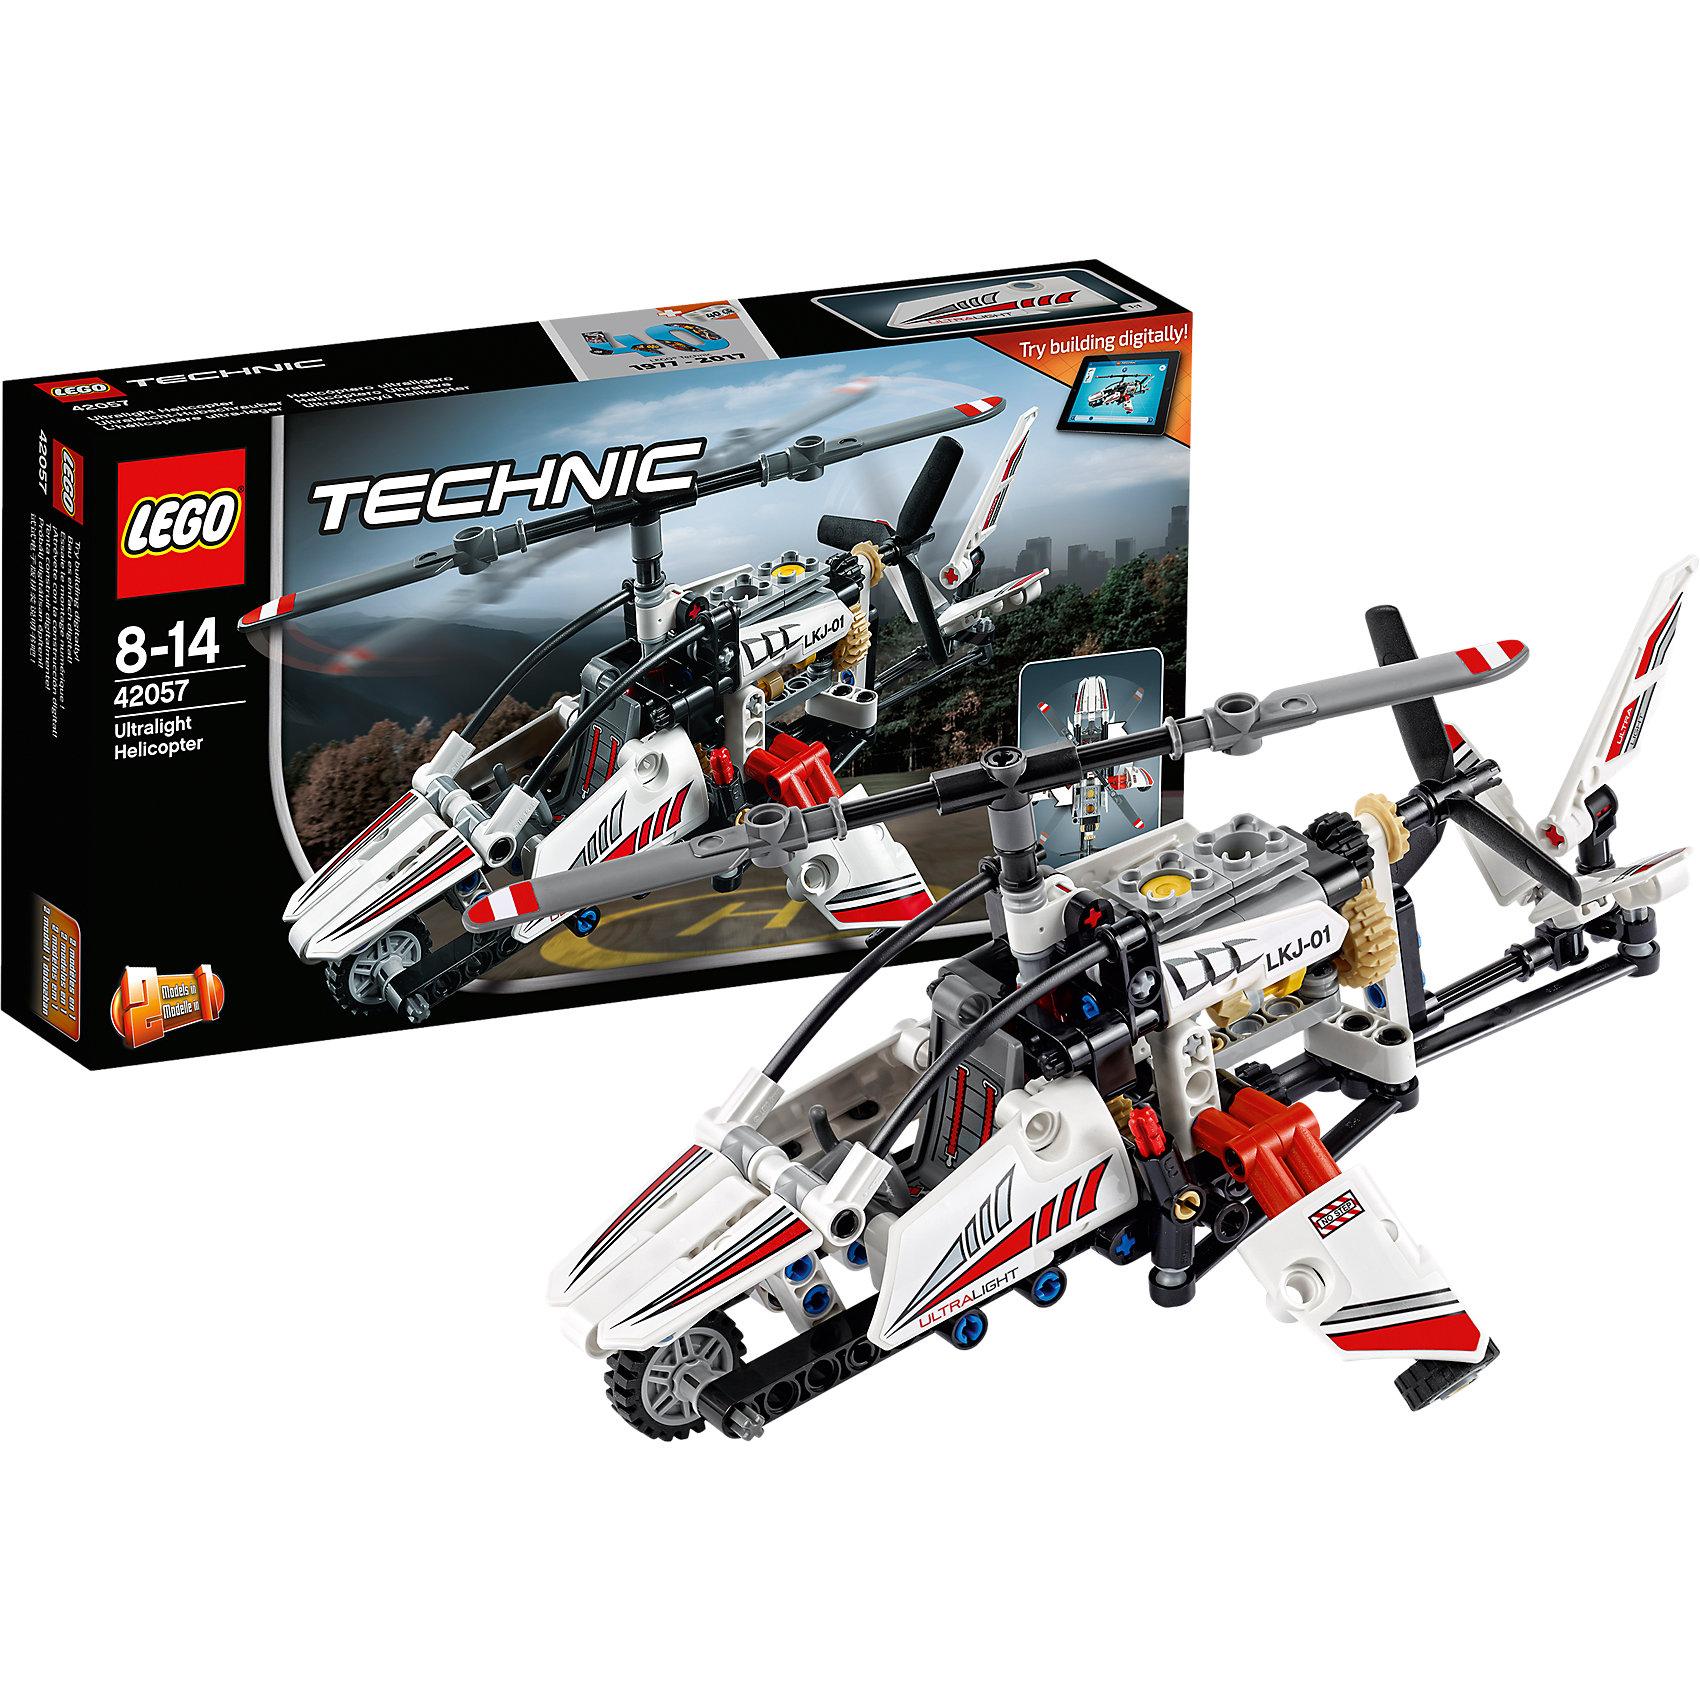 LEGO Technic 42057: Сверхлёгкий вертолётLEGO Technic 42057: Сверхлёгкий вертолёт<br><br>Характеристики:<br><br>- в набор входит: детали вертолёта, наклейки, инструкция по сборке<br>- состав: пластик<br>- количество деталей: 199<br>- приблизительное время сборки: 40 мин.<br>- размер вертолёта: 25 * 12 * 18 см.<br>- размер самолёта: 25 * 12 * 18 см.<br>- для детей в возрасте: от 8 до 14 лет<br>- Страна производитель: Дания/Китай/Чехия<br><br>Легендарный конструктор LEGO (ЛЕГО) представляет серию «Technic», которая бросает вызов уже опытным строителям ЛЕГО. <br><br>Ваш ребенок может строить продвинутые модели с реальными функциями, такими как коробки передач и системы рулевого управления. В набор включена деталь, посвященная сорокалетию серии. Наслаждайтесь строительством нового одноместного сверхлёгкого вертолета с открытой кабиной, а также крутящимися верхними и боковыми лопастями. Эта реалистичная модель необычного вертолёта может быть перестраивается в экспериментальный самолёт и обе модели имеют дополнительные объемные интерактивные инструкции на веб-сайте ЛЕГО. <br><br>Очень детализированнные наклейки корпуса и кабины пилота добавляют реалистичности вертолёту. Боковые и верхние лопасти крутятся благодаря механизму с шестерёнками, в вертолете так же имитируется работа двигателя. Направляющий хвост вертолёта двигается с помощью дополнительного механизма. Отличное сочетание функций и количества деталей позволит играть сразу с двумя моделями. <br><br>Играя с конструктором ребенок развивает моторику рук, воображение и логическое мышление, научится собирать по инструкции и создавать свои модели. Принимайте новые вызовы по сборке моделей и придумывайте новые истории с набором LEGO «Technic»!<br><br>Конструктор LEGO Technic 42057: Сверхлёгкий вертолёт можно купить в нашем интернет-магазине.<br><br>Ширина мм: 264<br>Глубина мм: 142<br>Высота мм: 53<br>Вес г: 294<br>Возраст от месяцев: 96<br>Возраст до месяцев: 168<br>Пол: Мужской<br>Возраст: Детский<br>SKU: 5002417